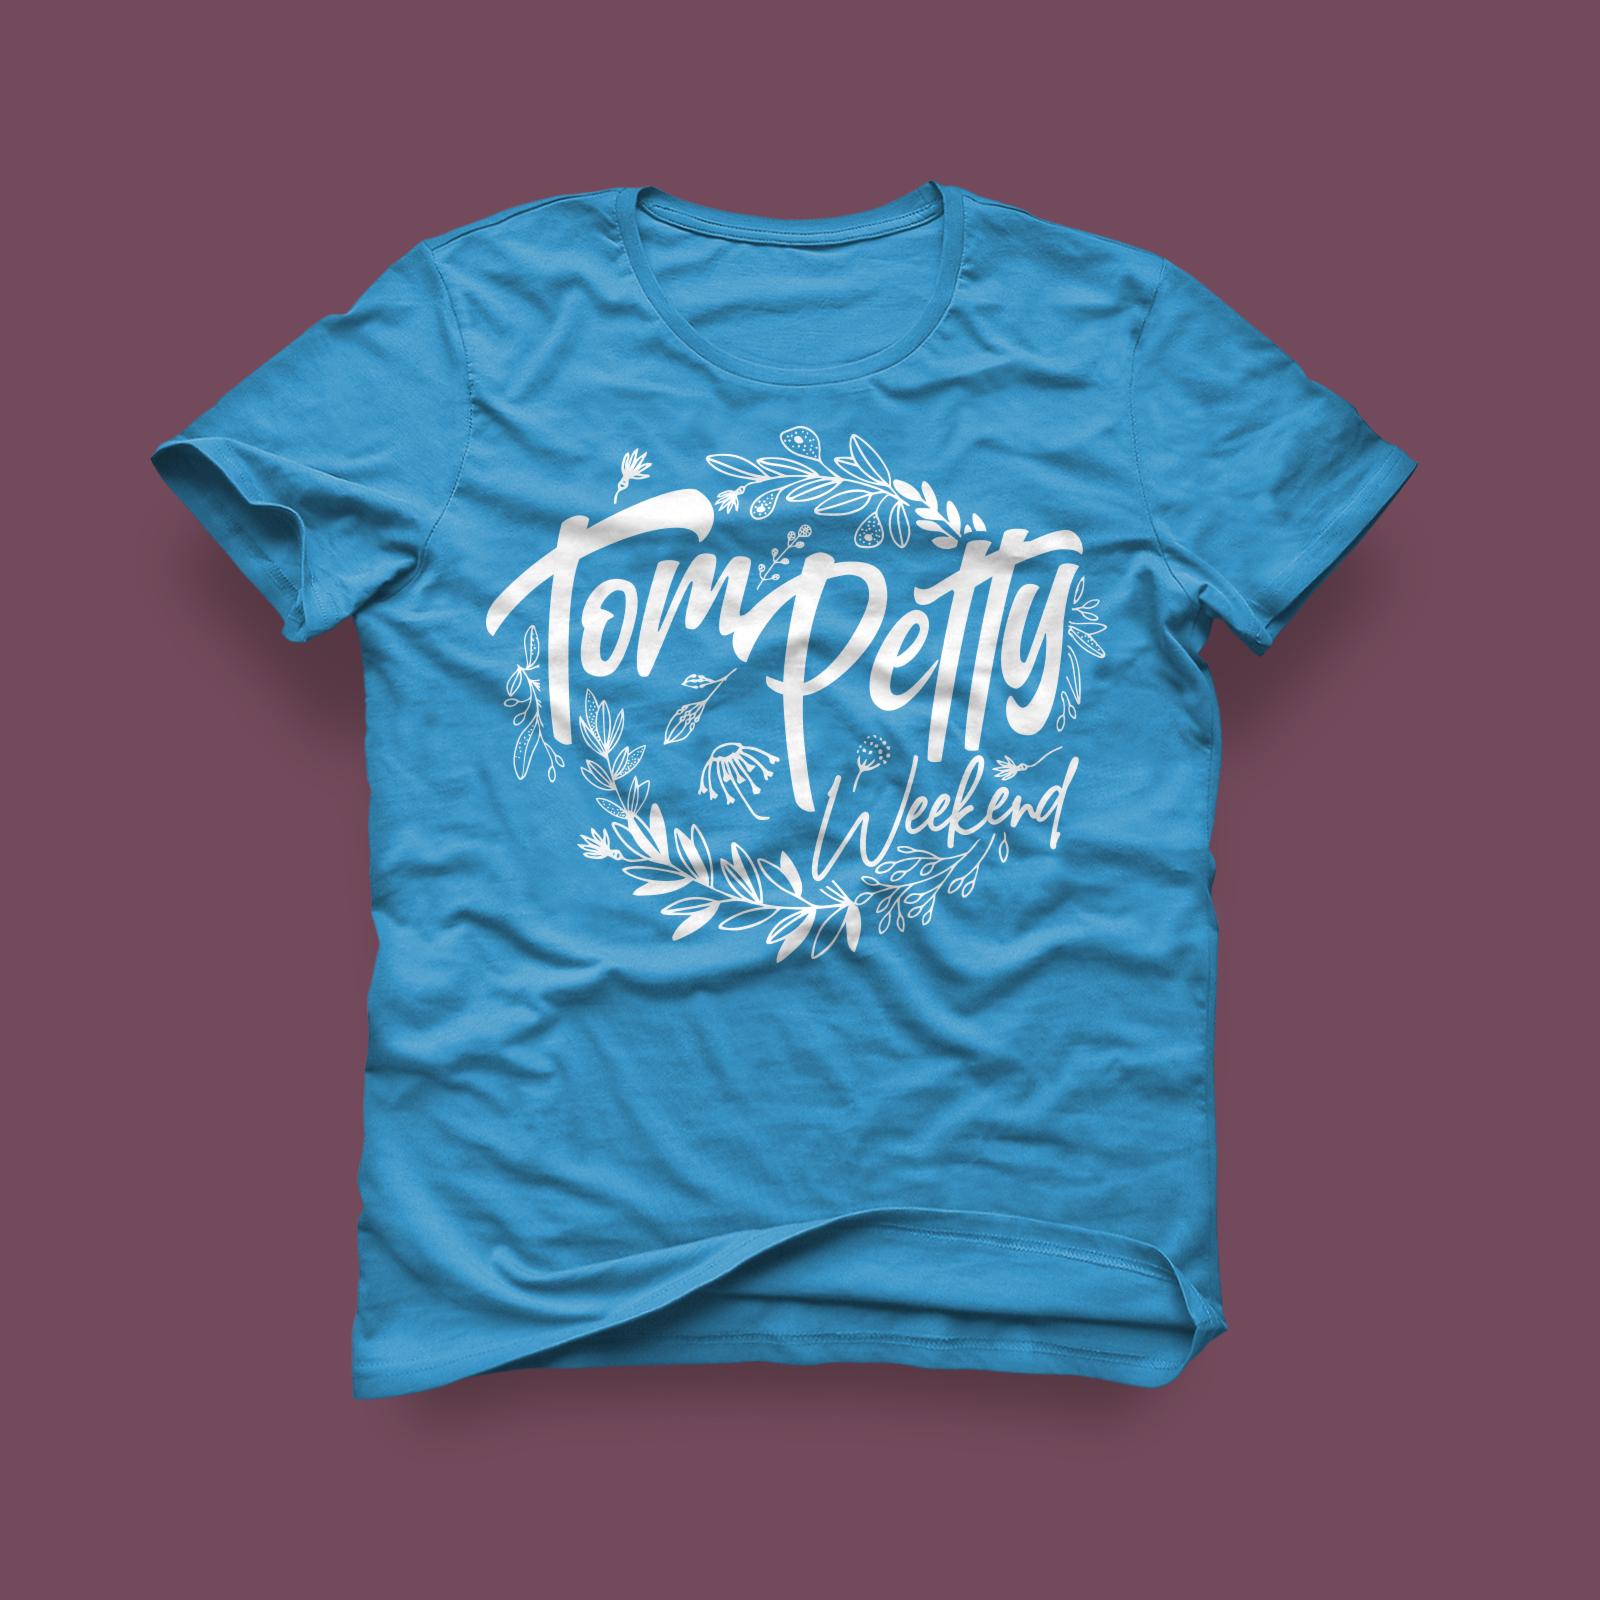 Tom Petty Weekend Ladies Shirt- Aqua - 2019